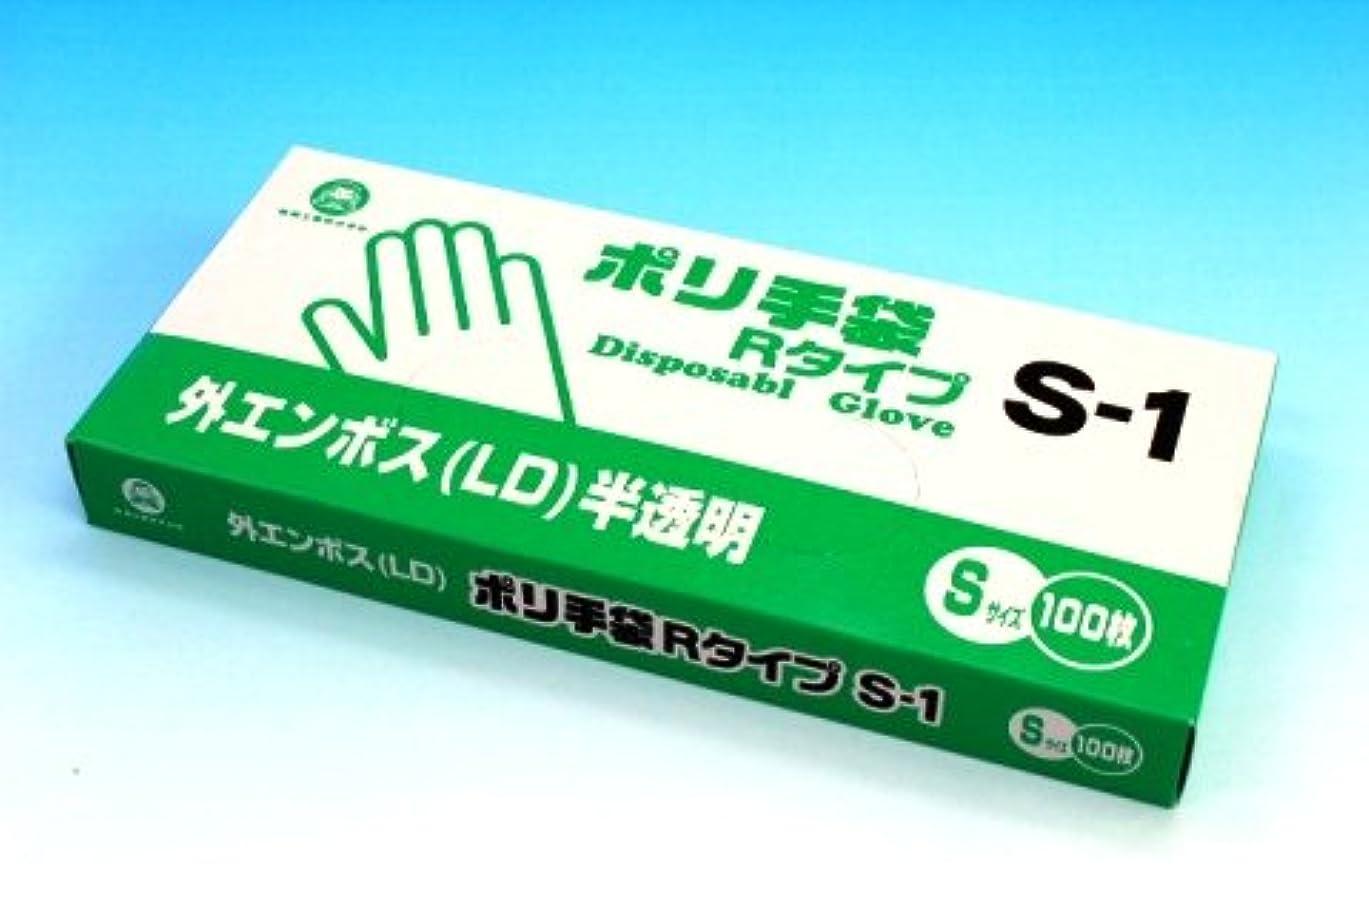 一元化する小説家高尚なポリ手袋外エンボスRタイプ S-1(100枚箱入)